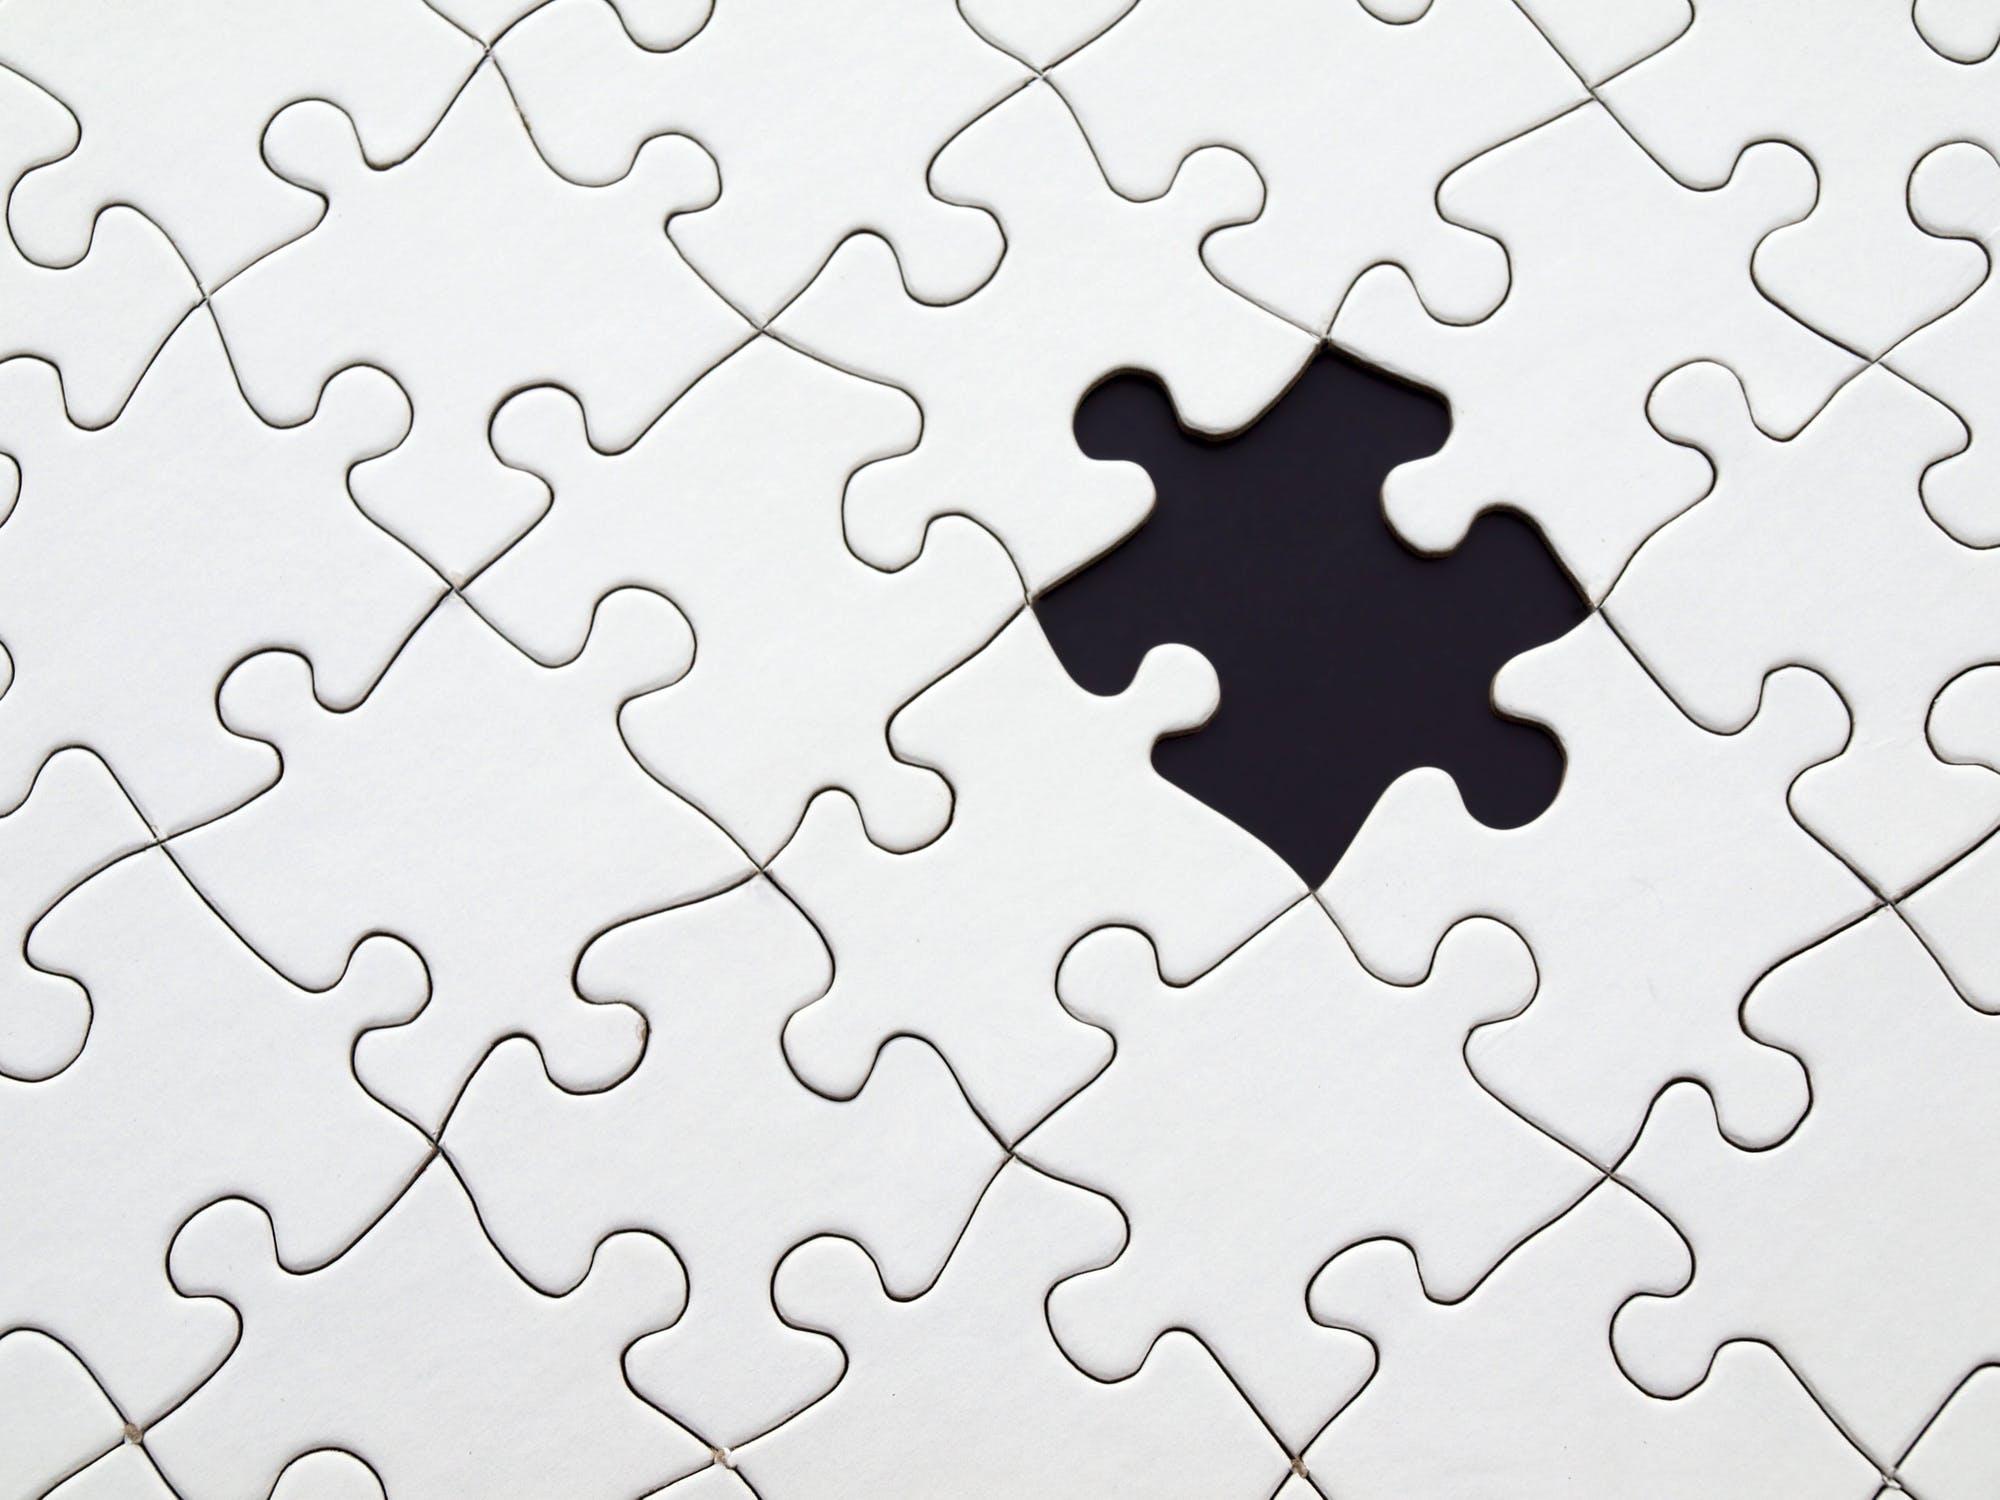 5 passos orientados para a solução